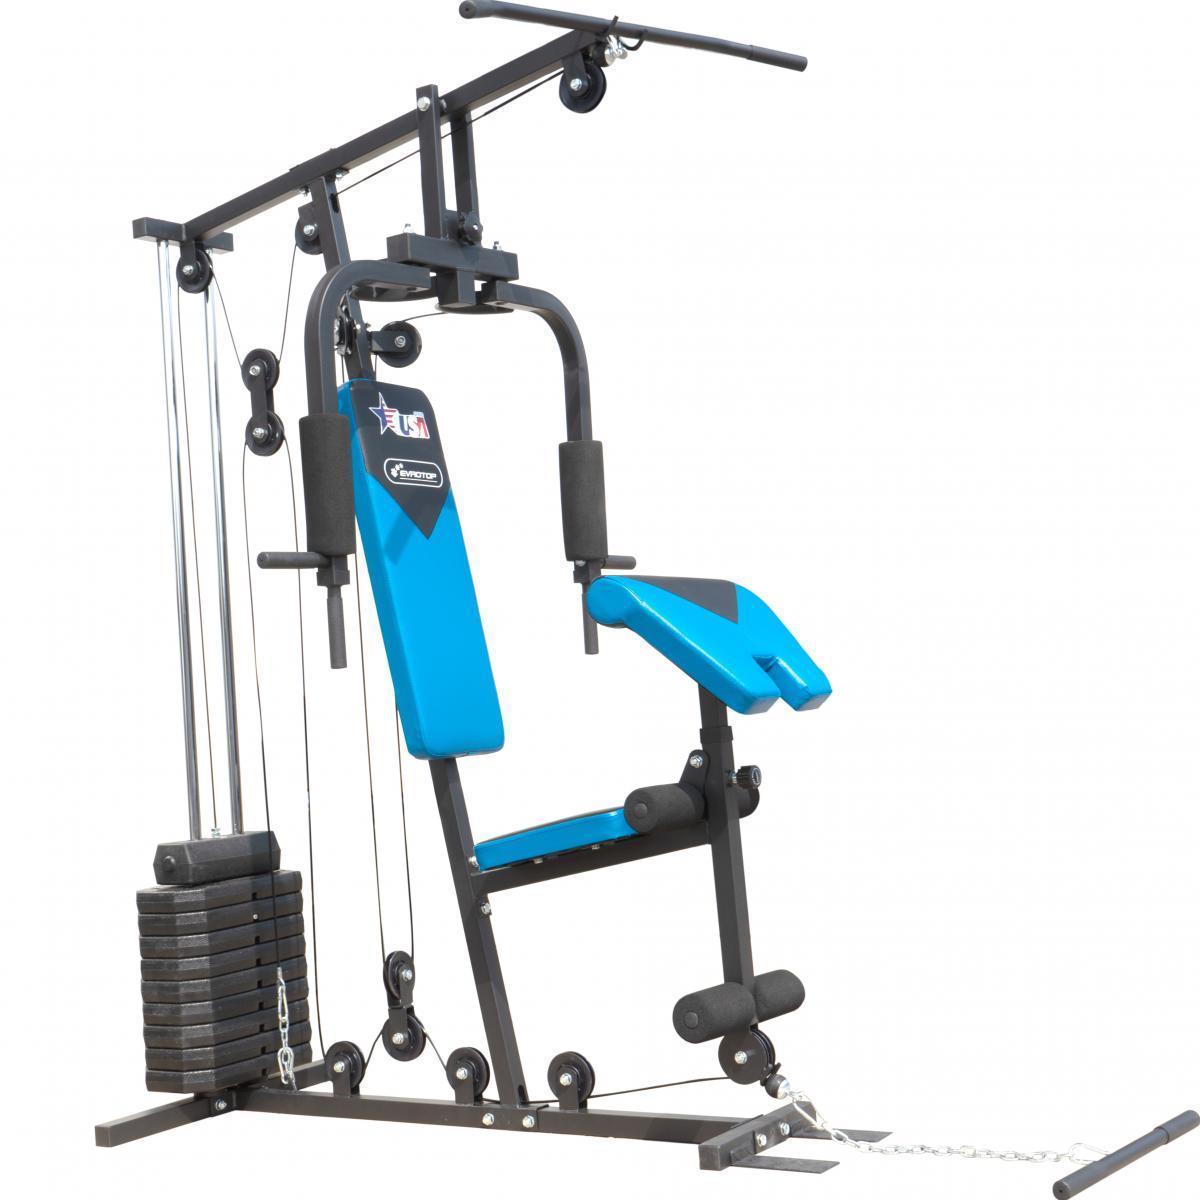 Фітнес станція для будинку багатофункціональна до 125 кг USA Style LKH-114 синій